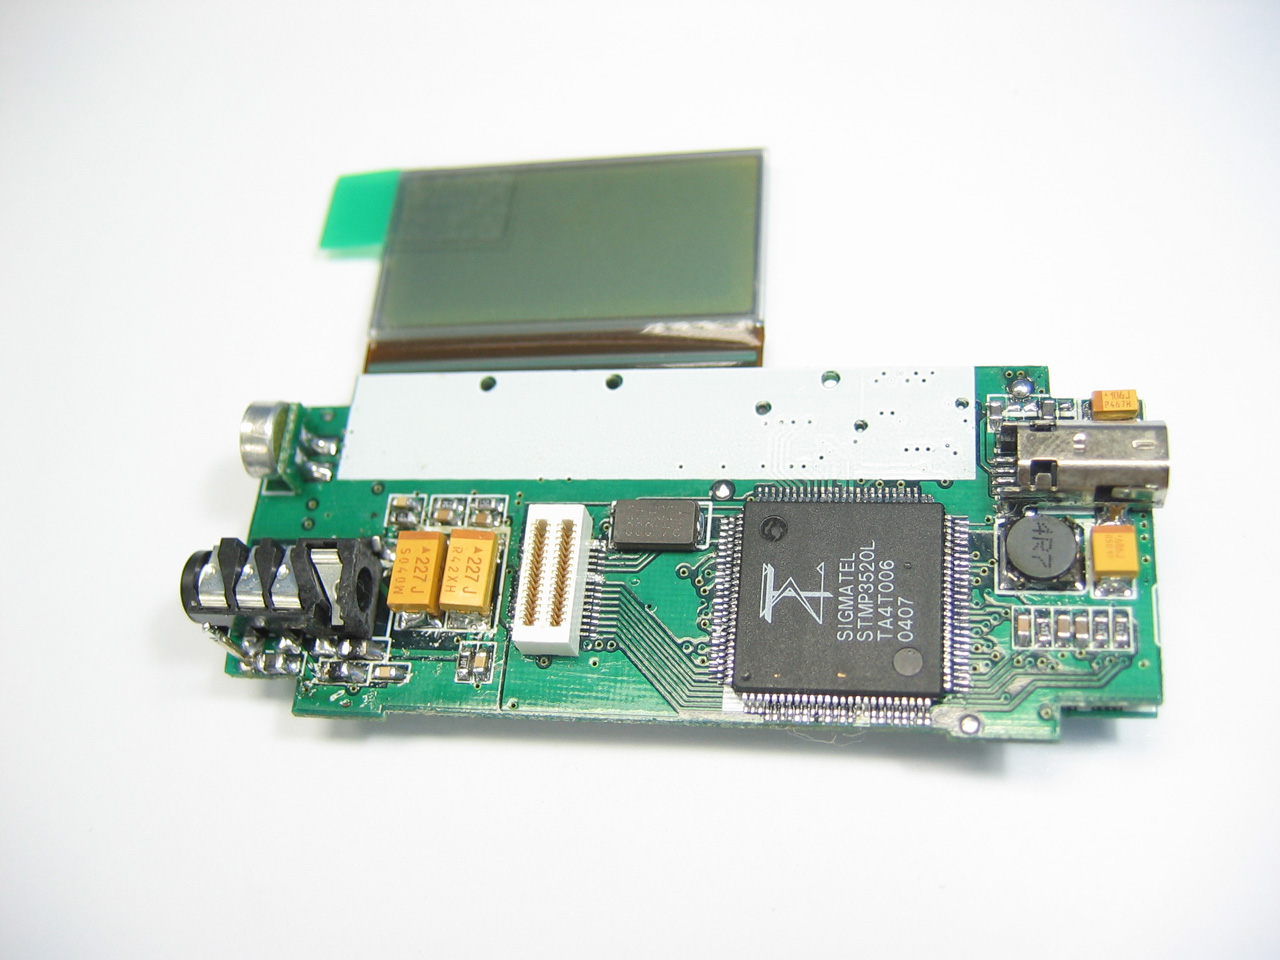 第3页:主电路板设计及解码芯片简介 接下来我们把两块电路模块分开来,分别分析它们的组成结构。首先我们看看主电路板,刚才我们已经知道它的正面主要是LCD液晶屏、五维导航键和FLASH闪存,现在我们来看看它的反面。  从图中可以看到,主电路板反面主要由三步分组成:USB接口电路、解码主芯片及主晶振还有音频输出及录音。解码主芯片是MP3最重要的组成部分之一,就像电脑的CPU、显卡的GPU,直接影响MP3的功能、音质。  解码主芯片有很多种,比较常见的有飞利浦的SAA7750/7751、Telechip的TCC7